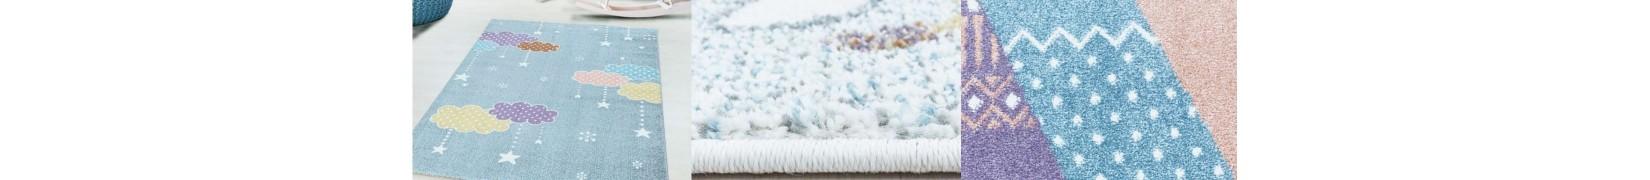 Piękne dywany dziecięce dla chłopca i dziewczynki LAKI